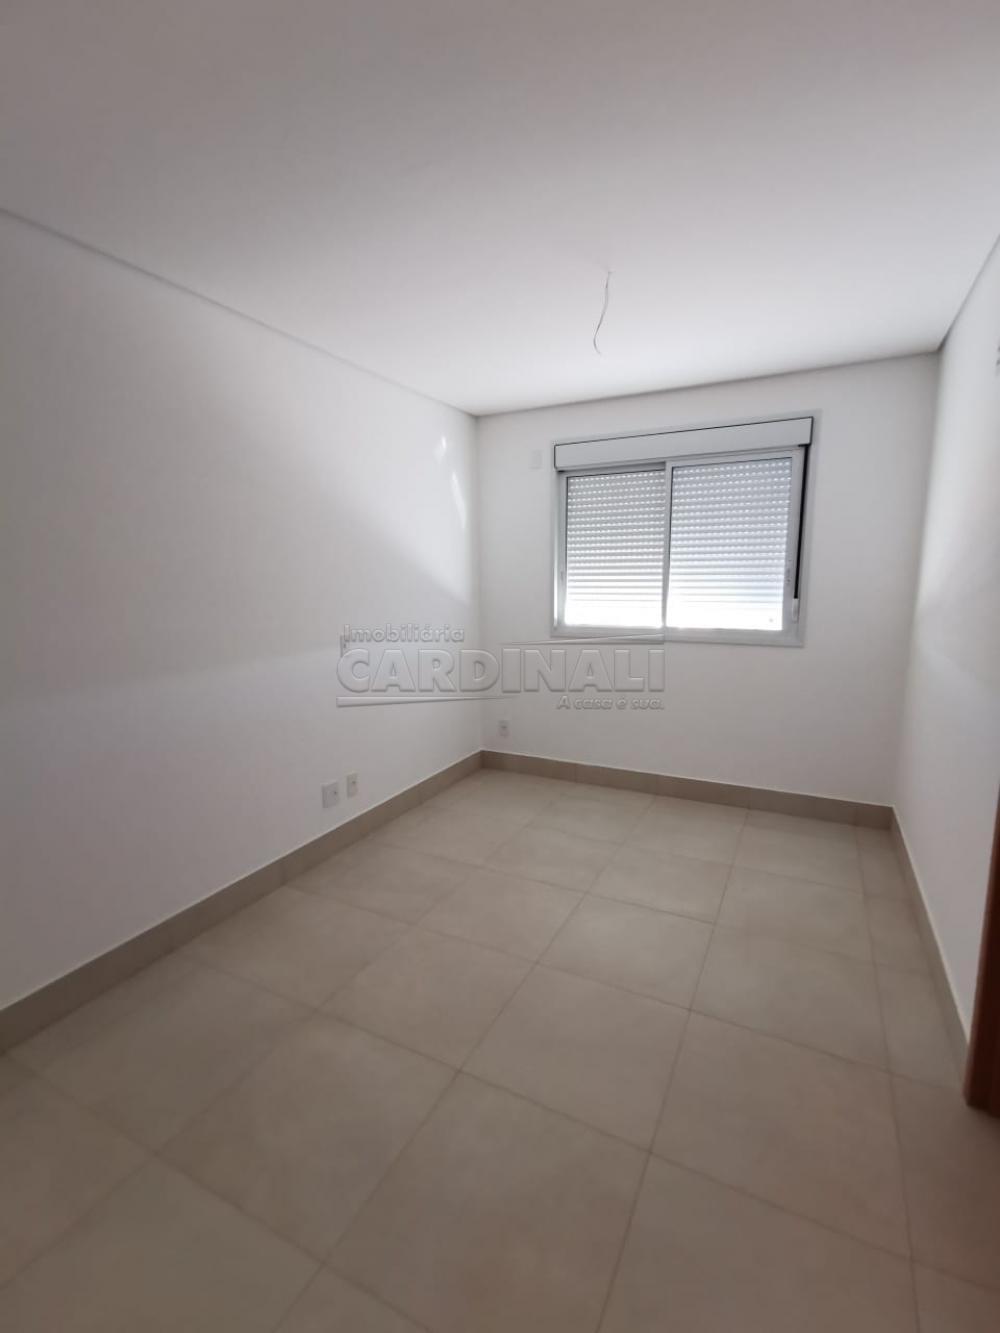 Alugar Apartamento / Padrão em Araraquara R$ 2.800,00 - Foto 11